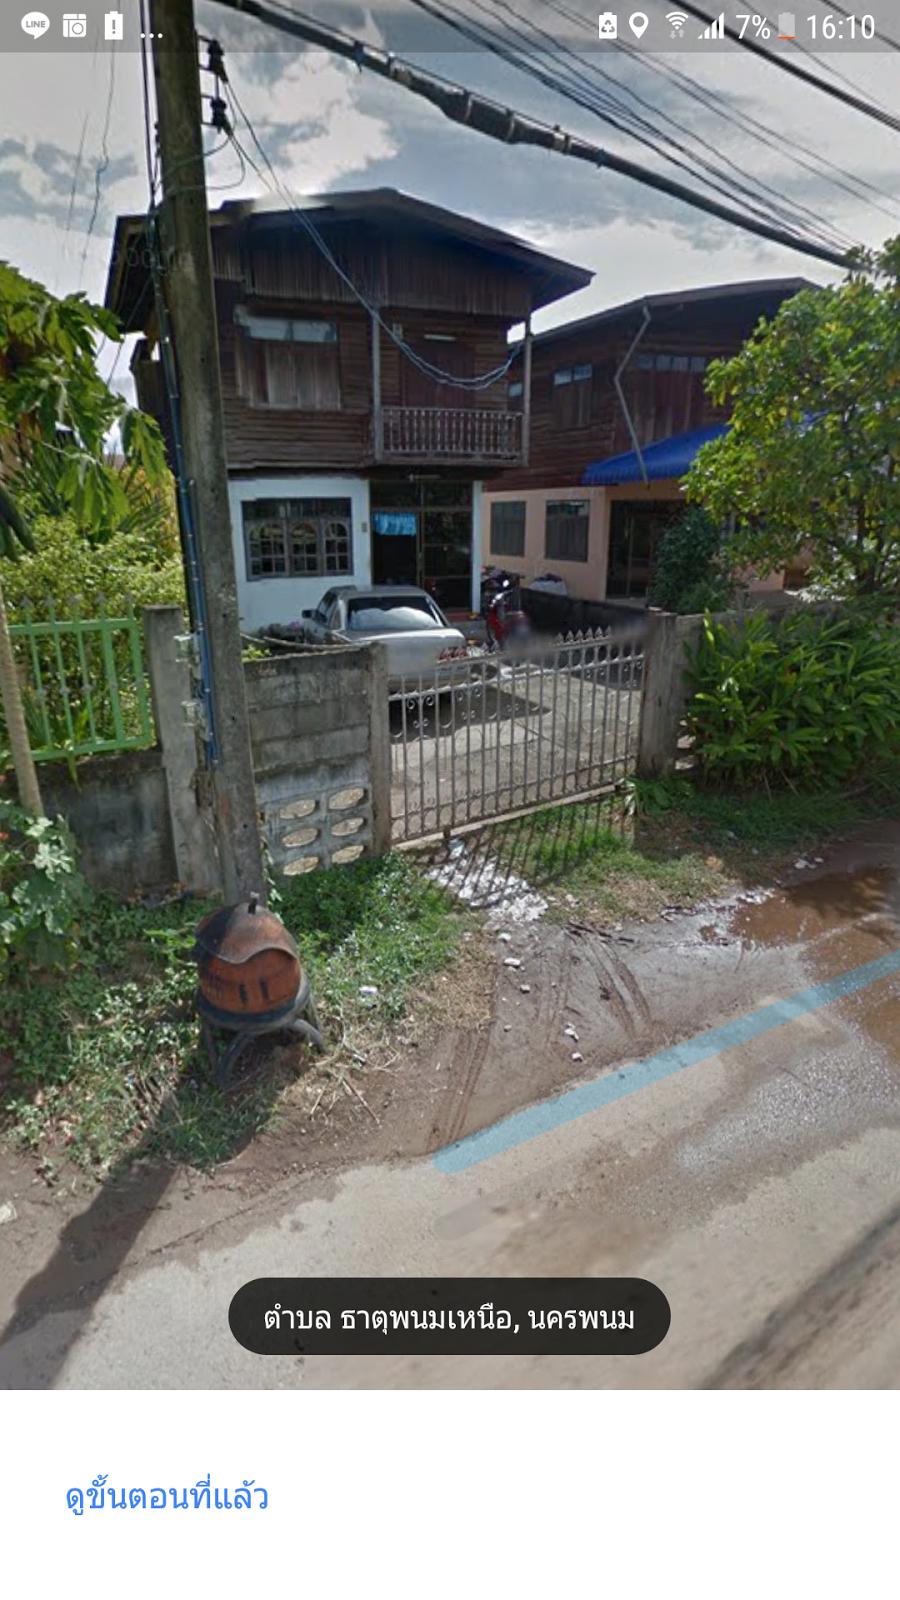 ขายบ้านเดี่ยว  ใกล้โลตัส ธาตุพนม